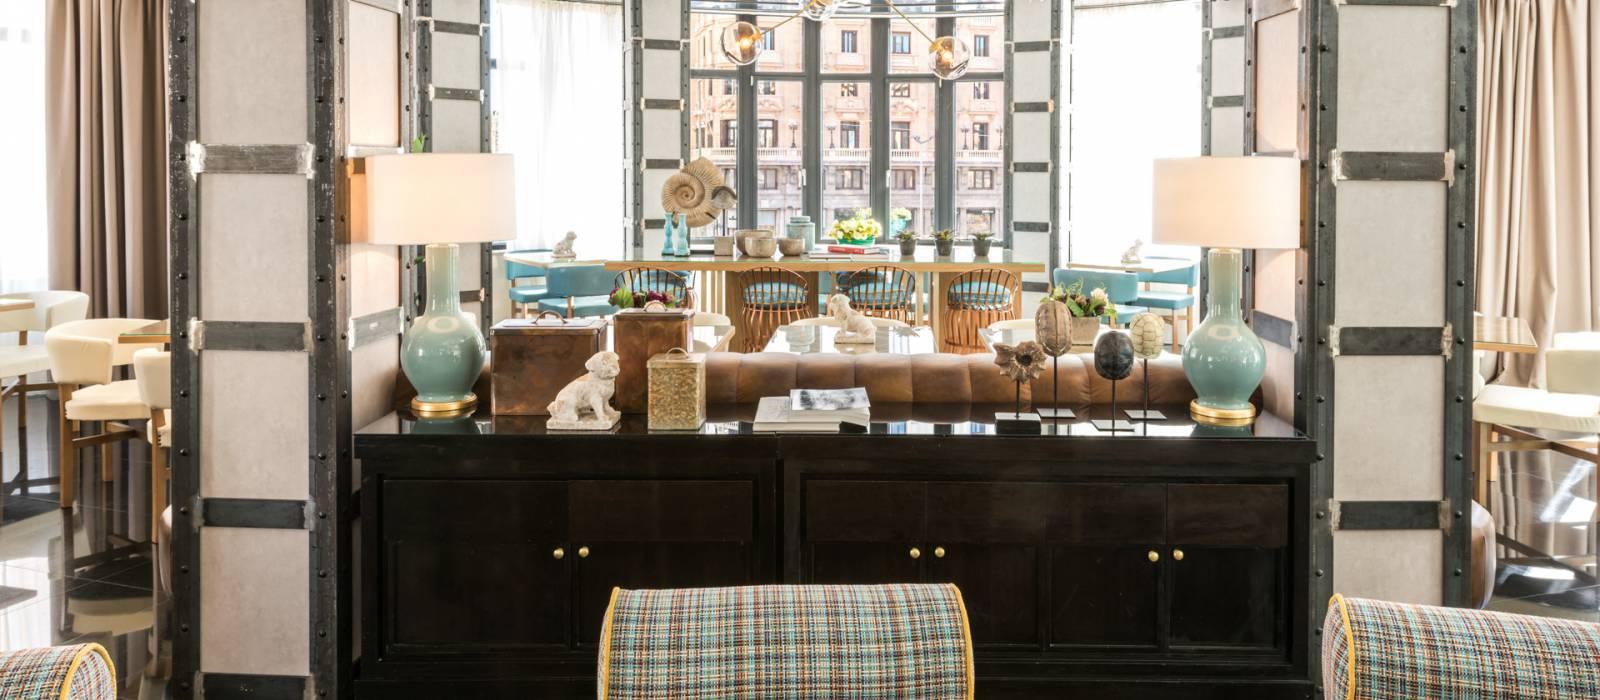 Services de Capitol Hôtel Madrid - Vincci Hoteles - Capitol Food&Bar